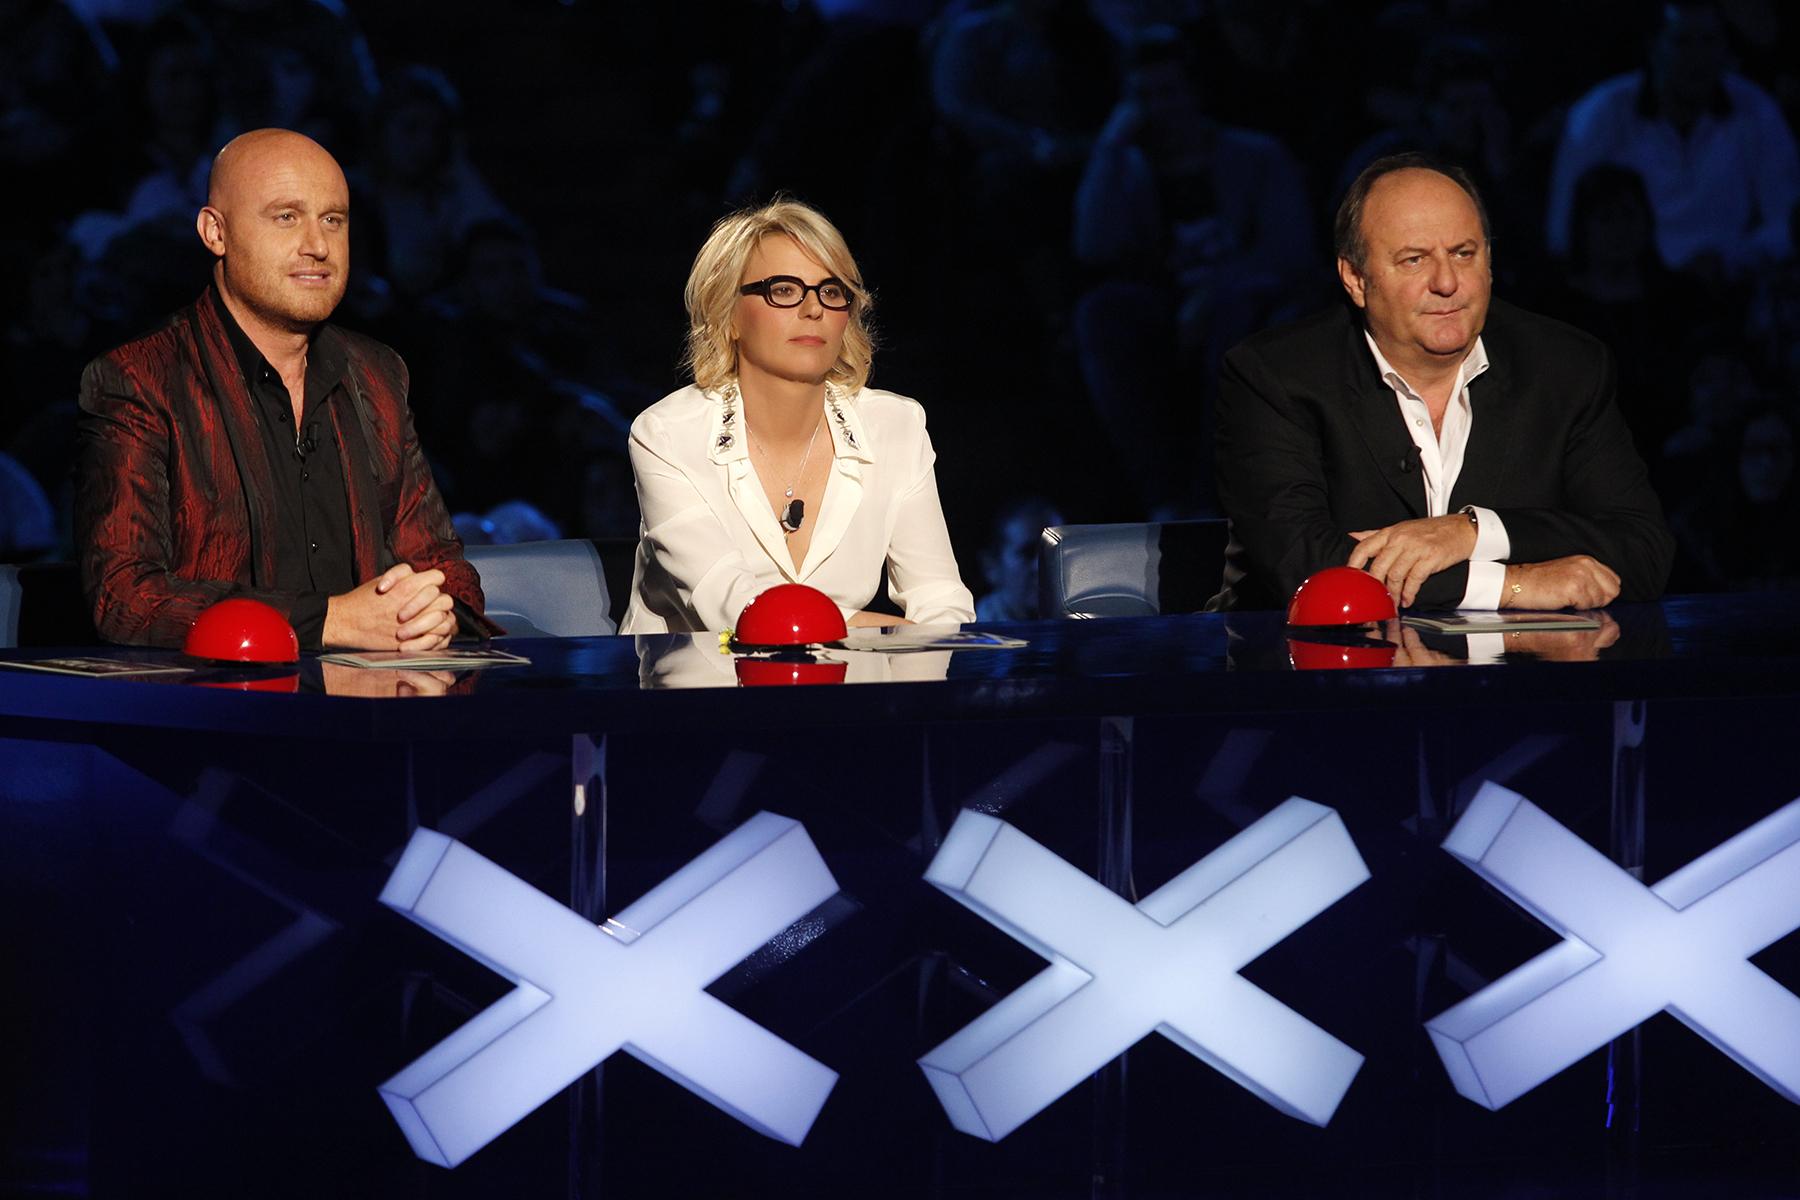 Italia's got talent 2013: i semifinalisti svelati nella sesta puntata